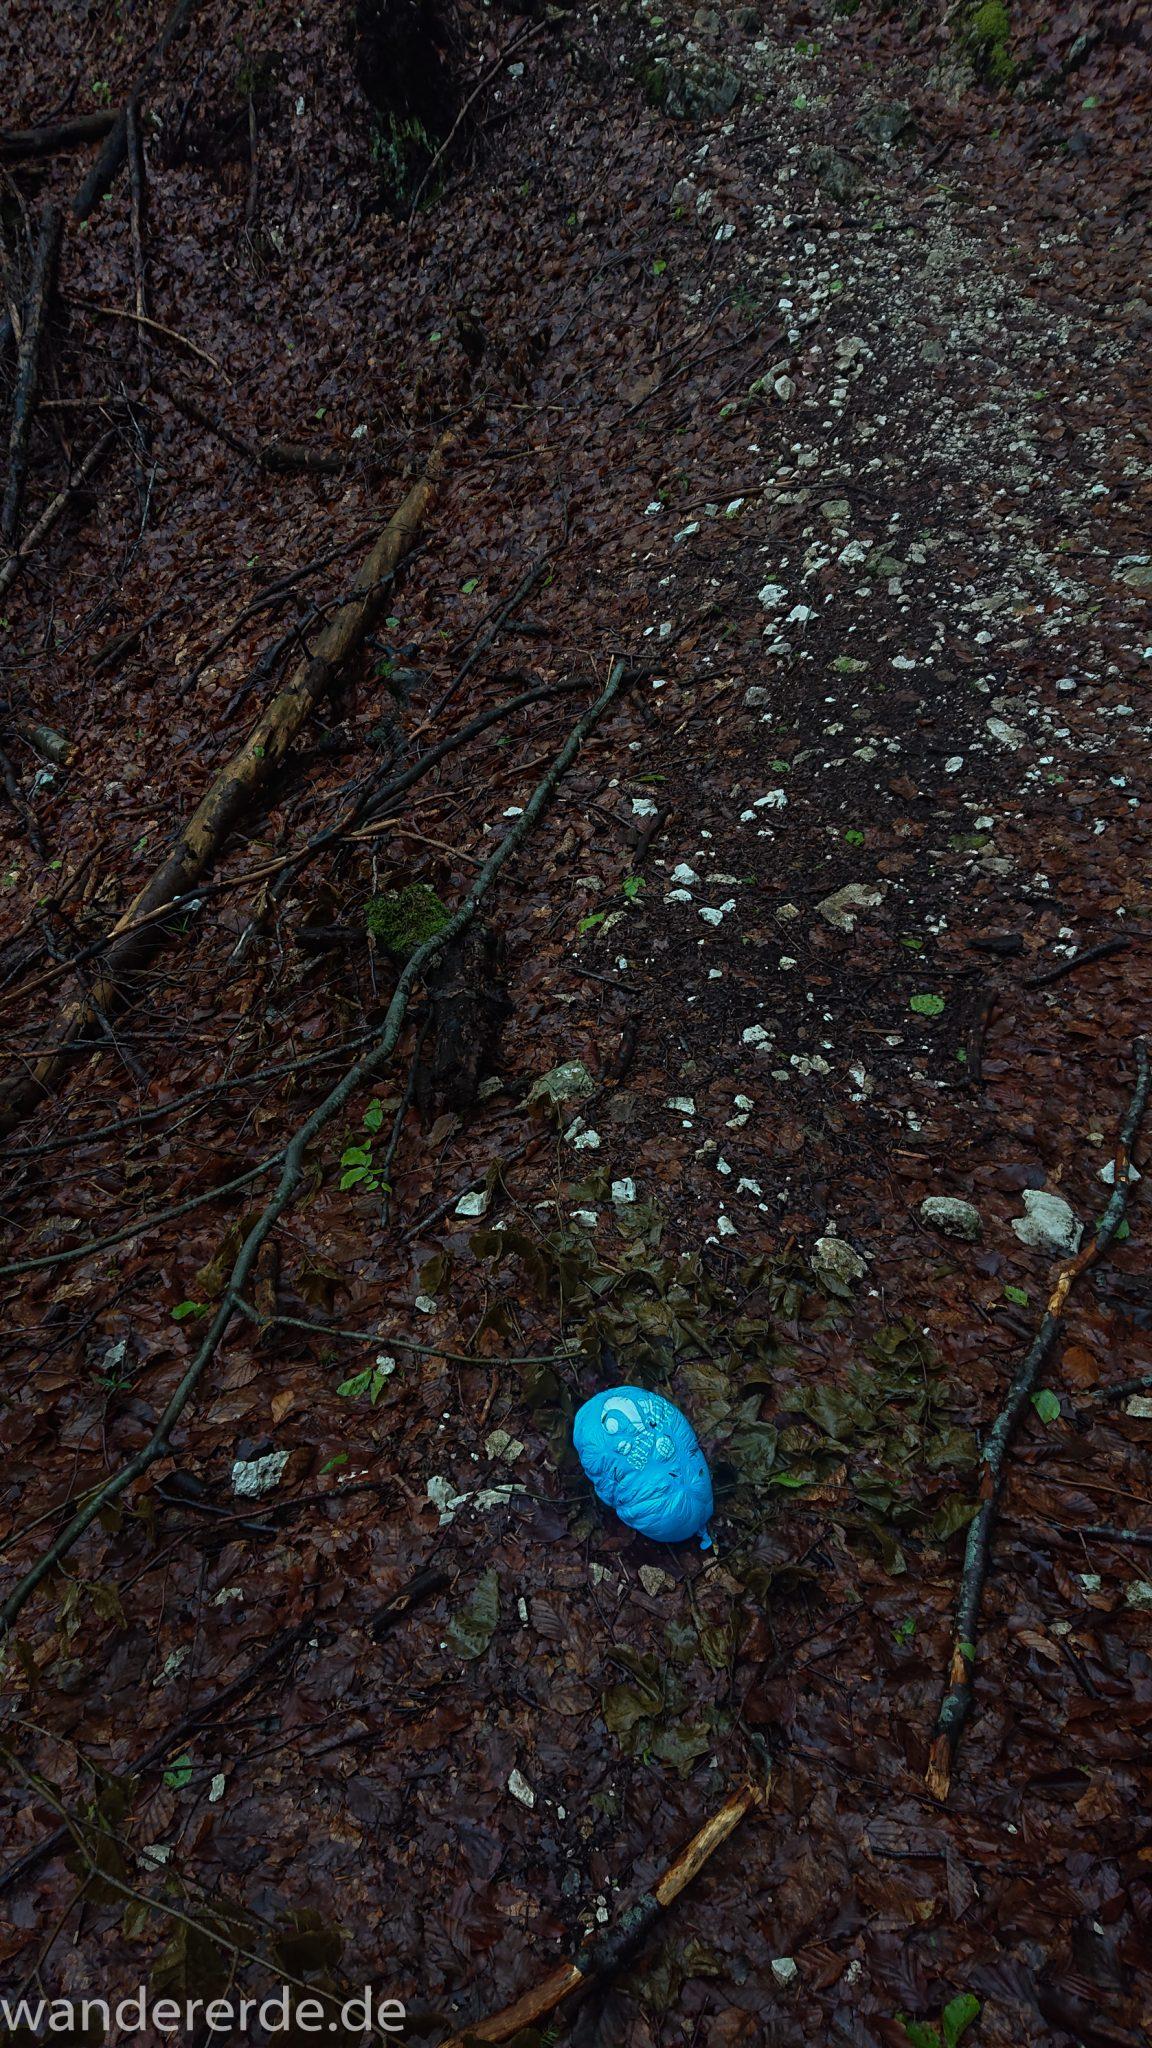 Wanderung beim Alpsee bei Hohenschwangau, Wanderweg durch Laubwald und Nadelwald, Frühling in Bayern, Resultat von Luftballon steigen lassen